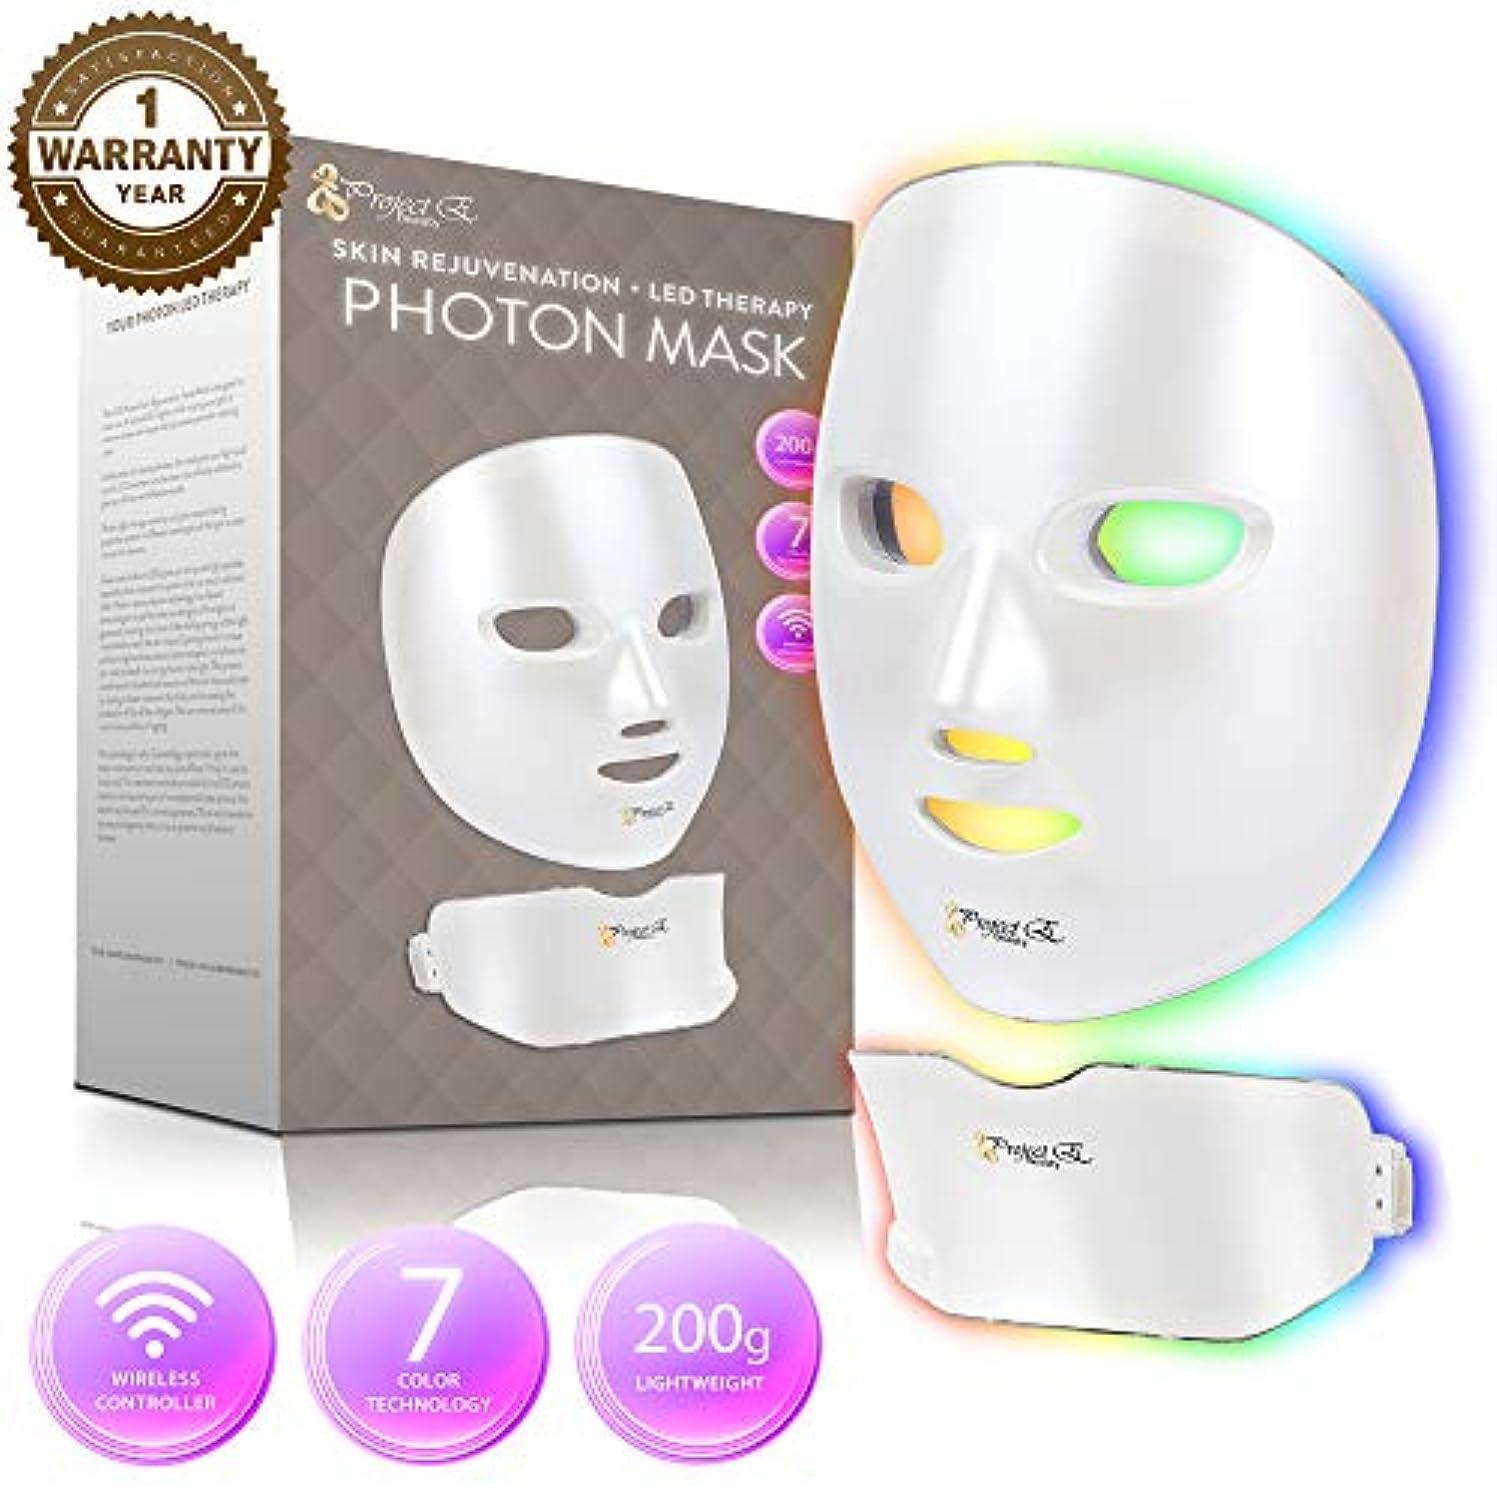 概要初期増幅するProject E Beauty 7色 マスクフェイス&ネック光子光皮膚若返り療法顔 スキンケア無線マスクを主導しました ワンサイズ パール?ホワイト